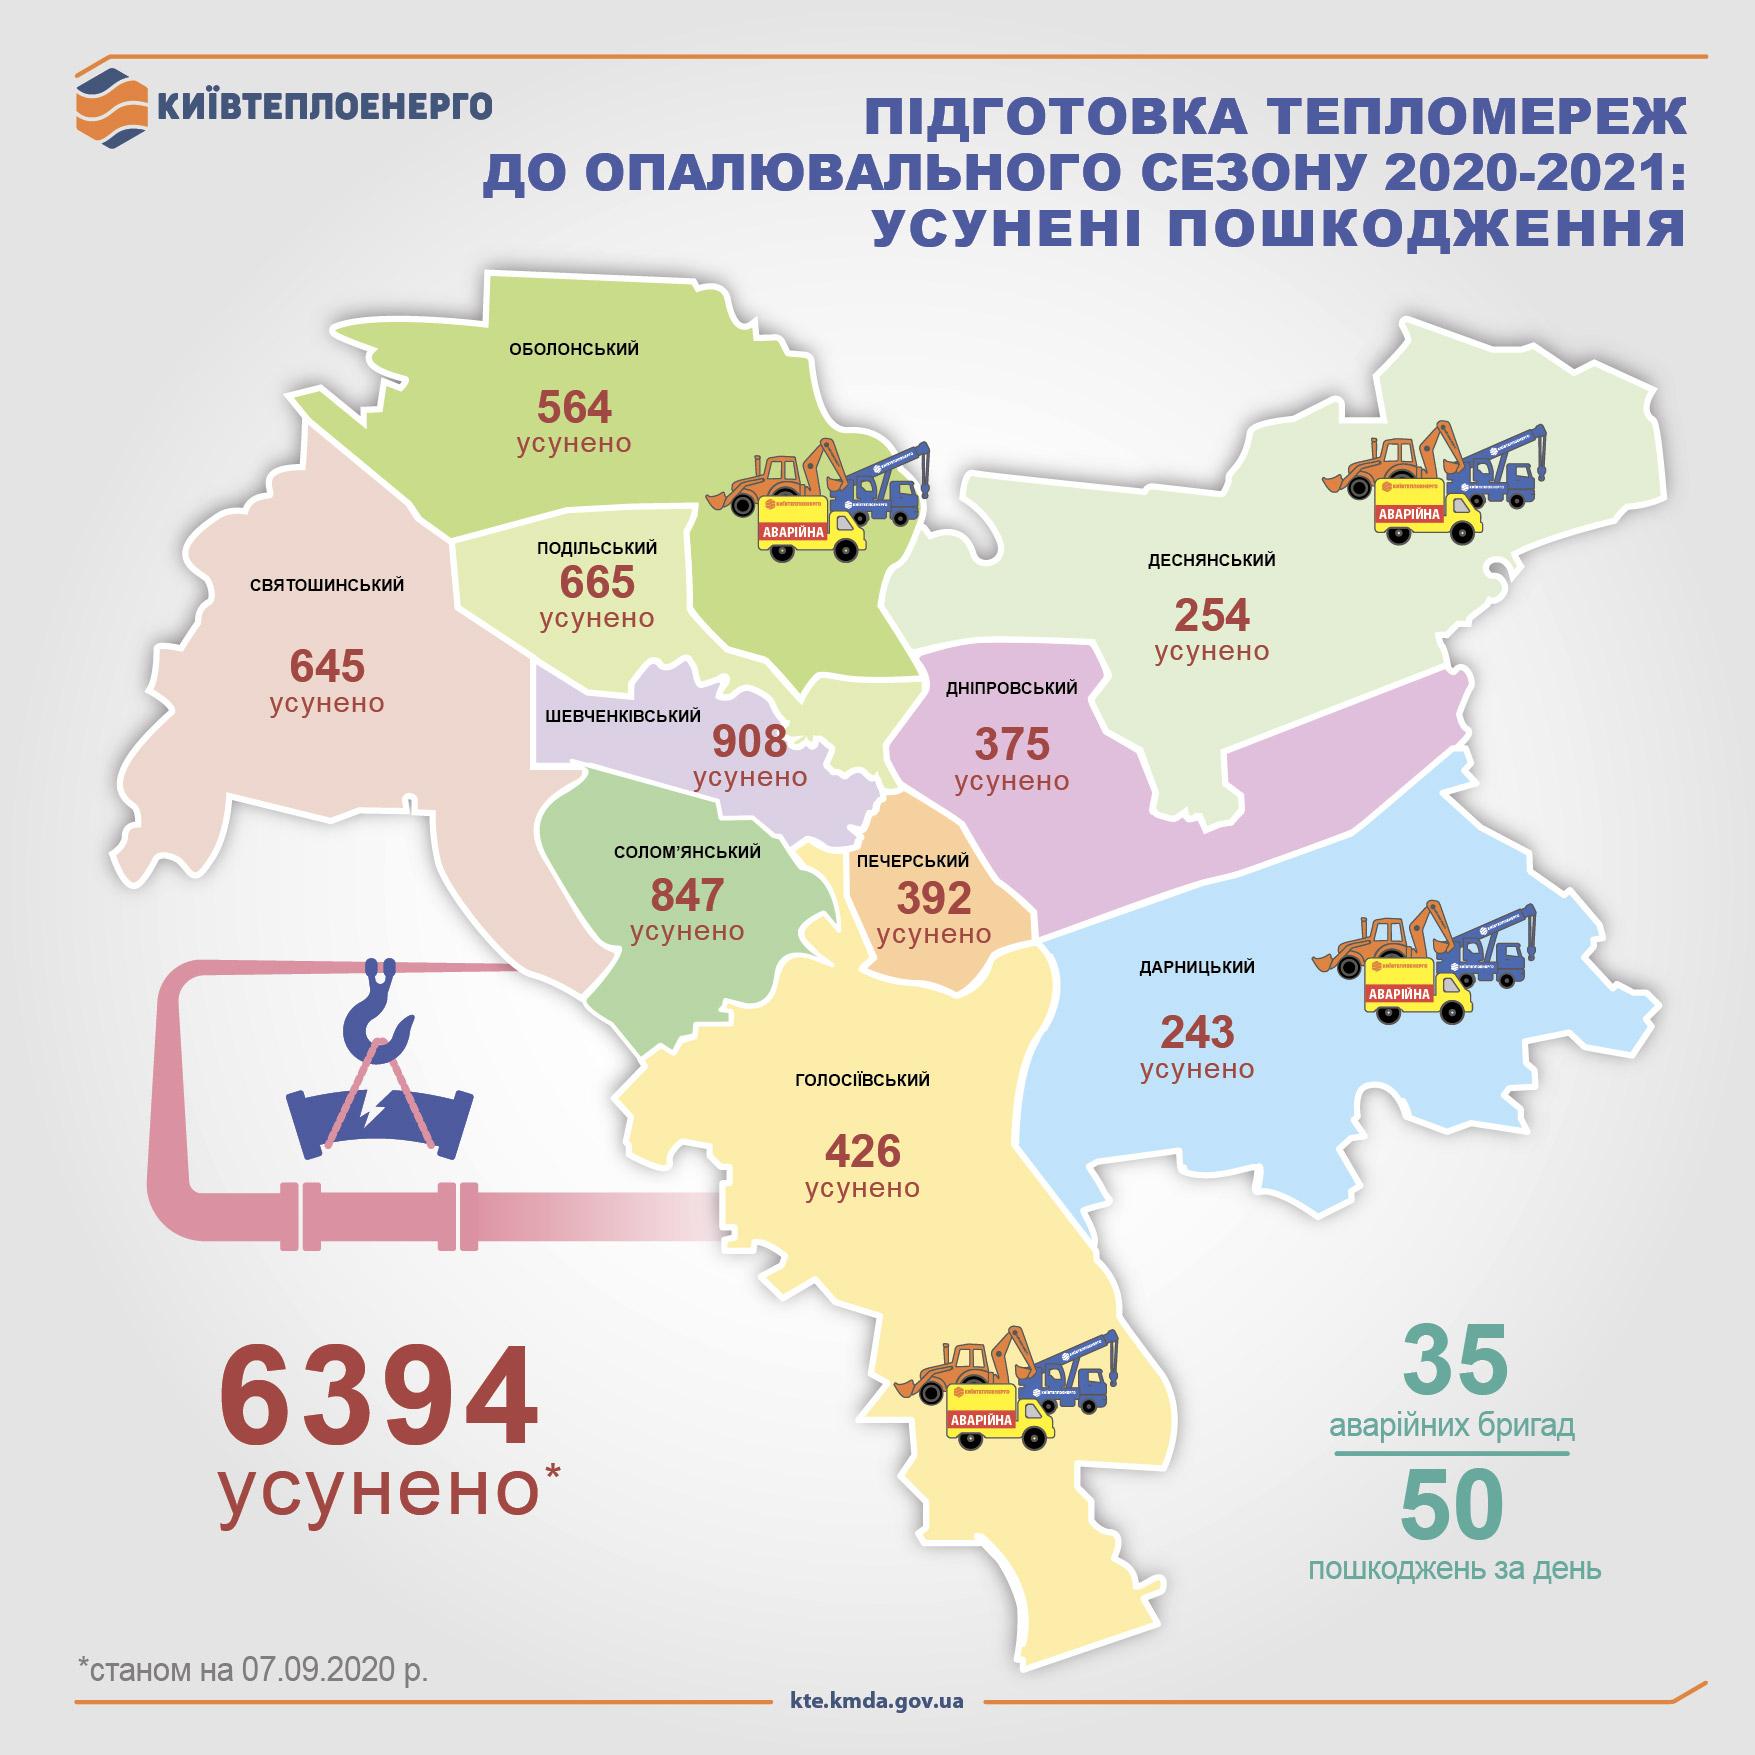 Столиця рапортує про готовність до опалювального сезону - опалювальний сезон - Statystyka 2020 2 1